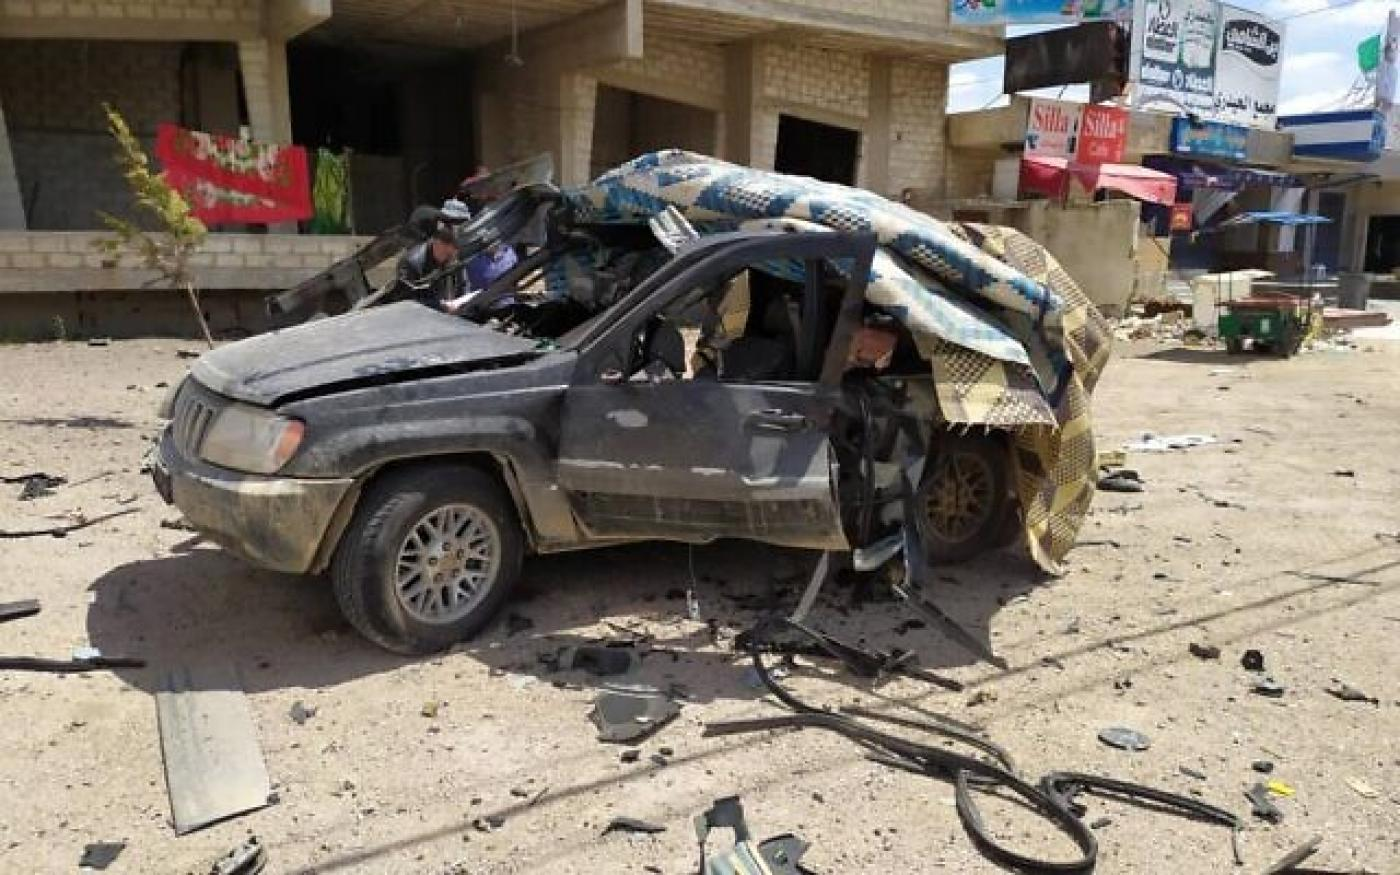 """Ізраїльський безпілотник знищив автомобіль """"Хезболла"""" поблизу кордону між Сирією та Ліваном"""